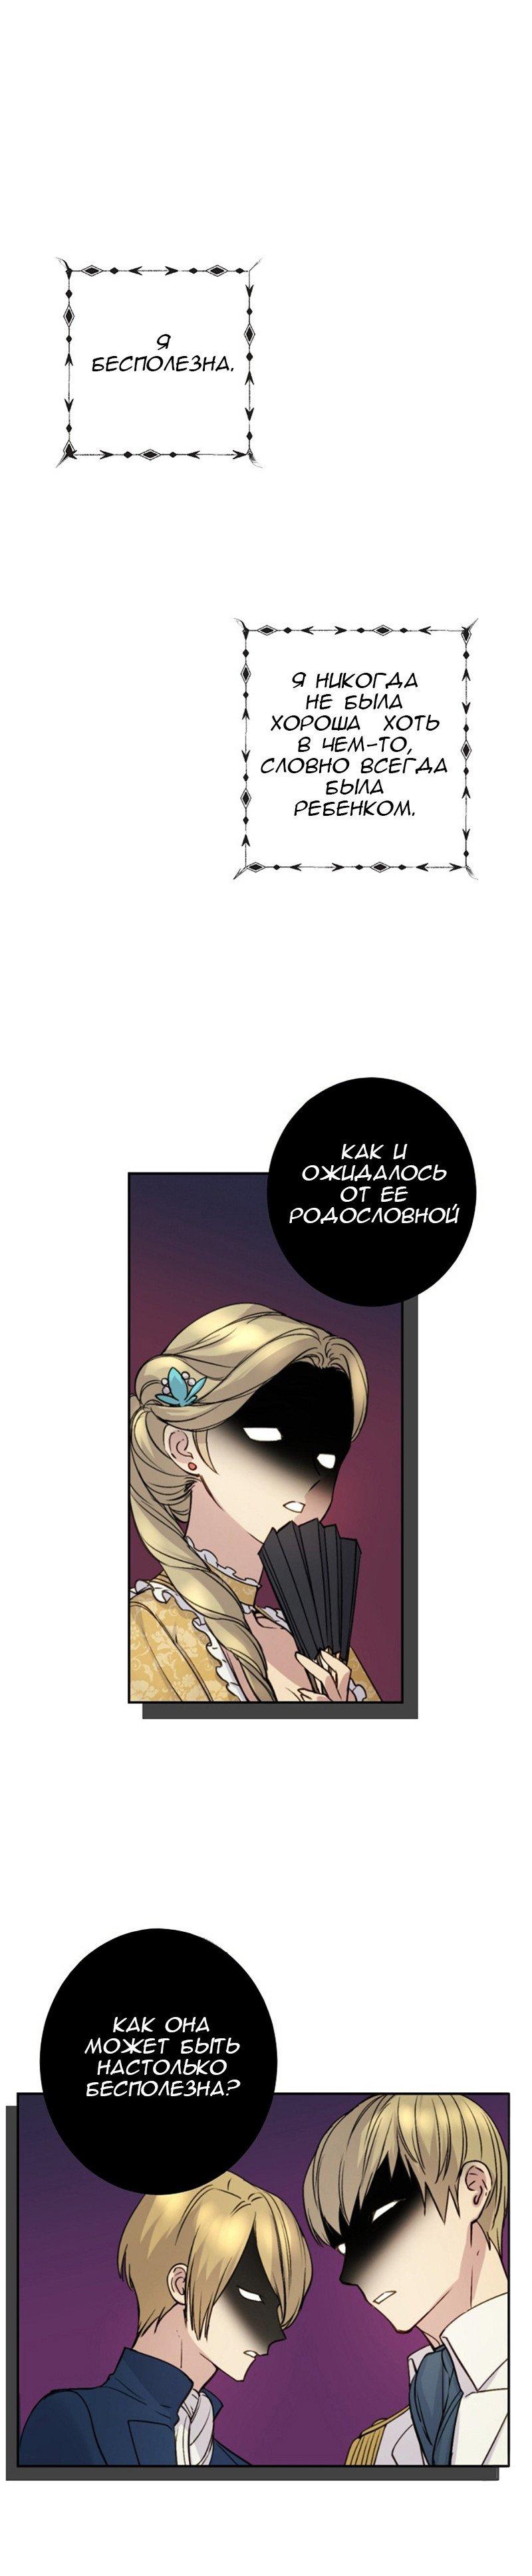 Манга Способная горничная / Capable maid  - Том 1 Глава 1 Страница 1